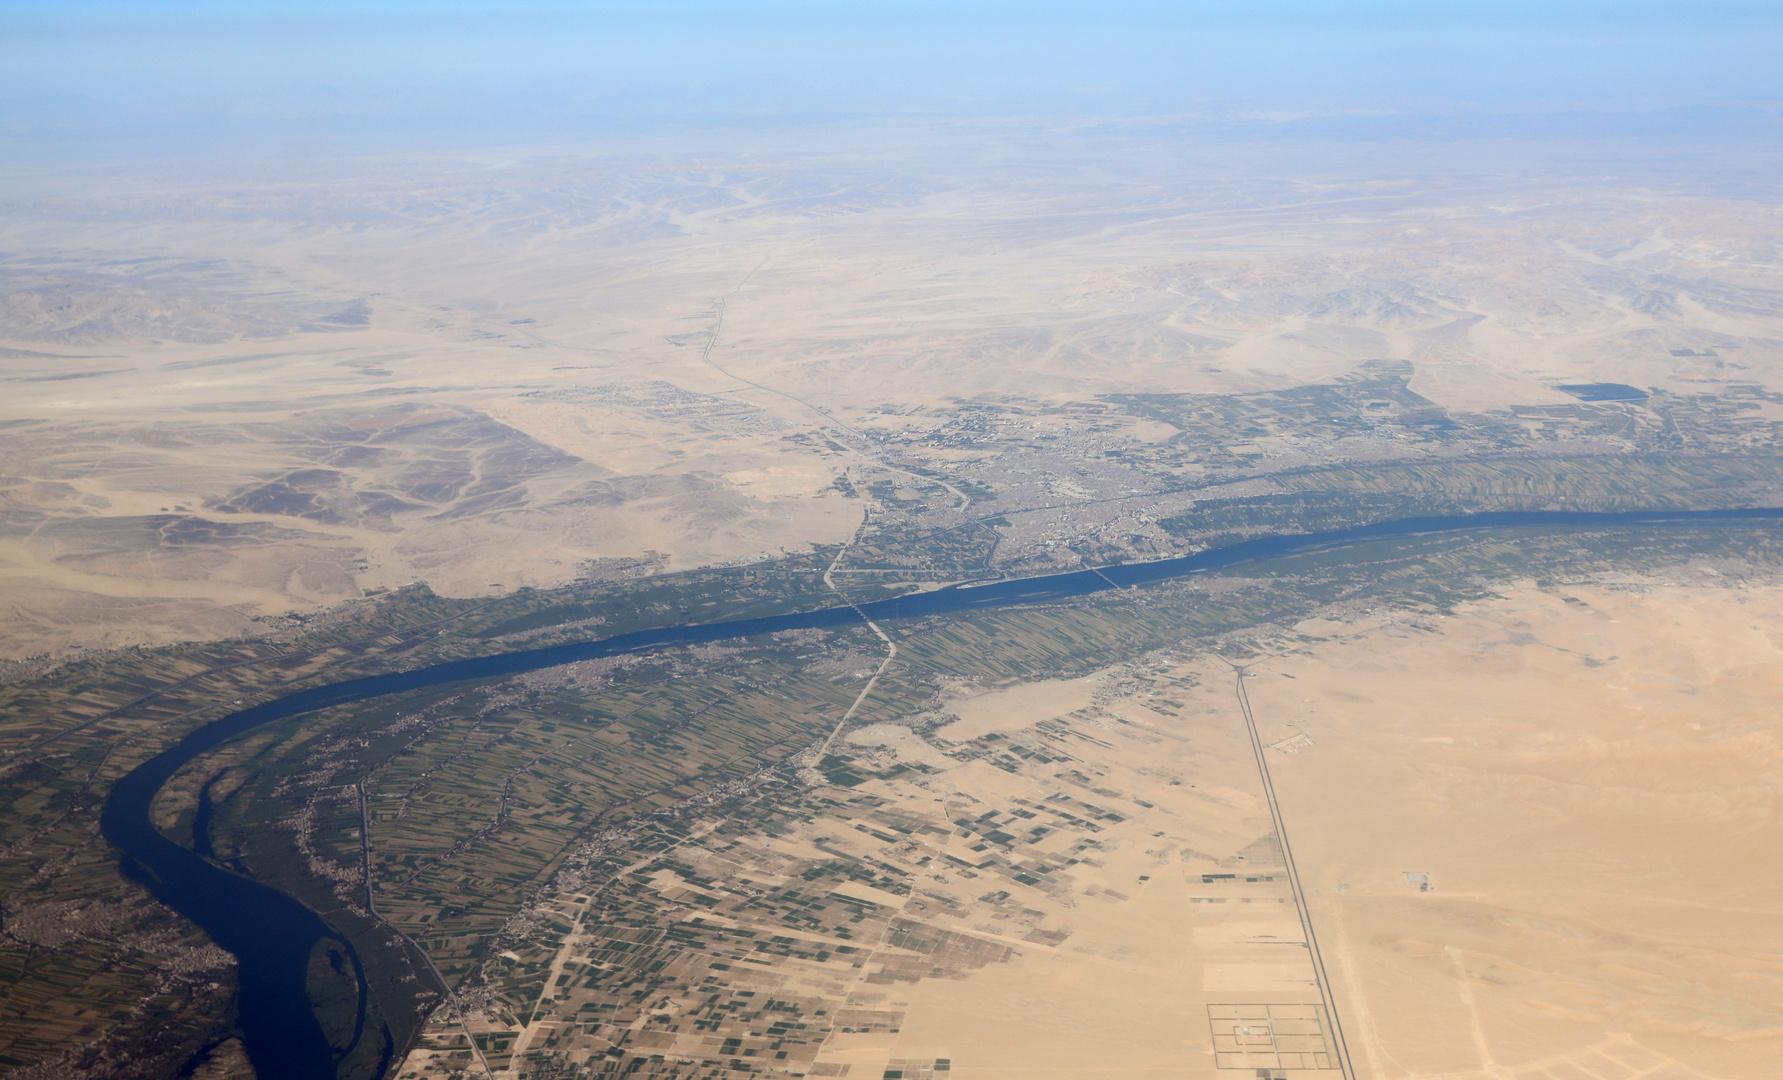 مصر تكشف حجم تحديات قطاع المياه وسبل مواجهتها